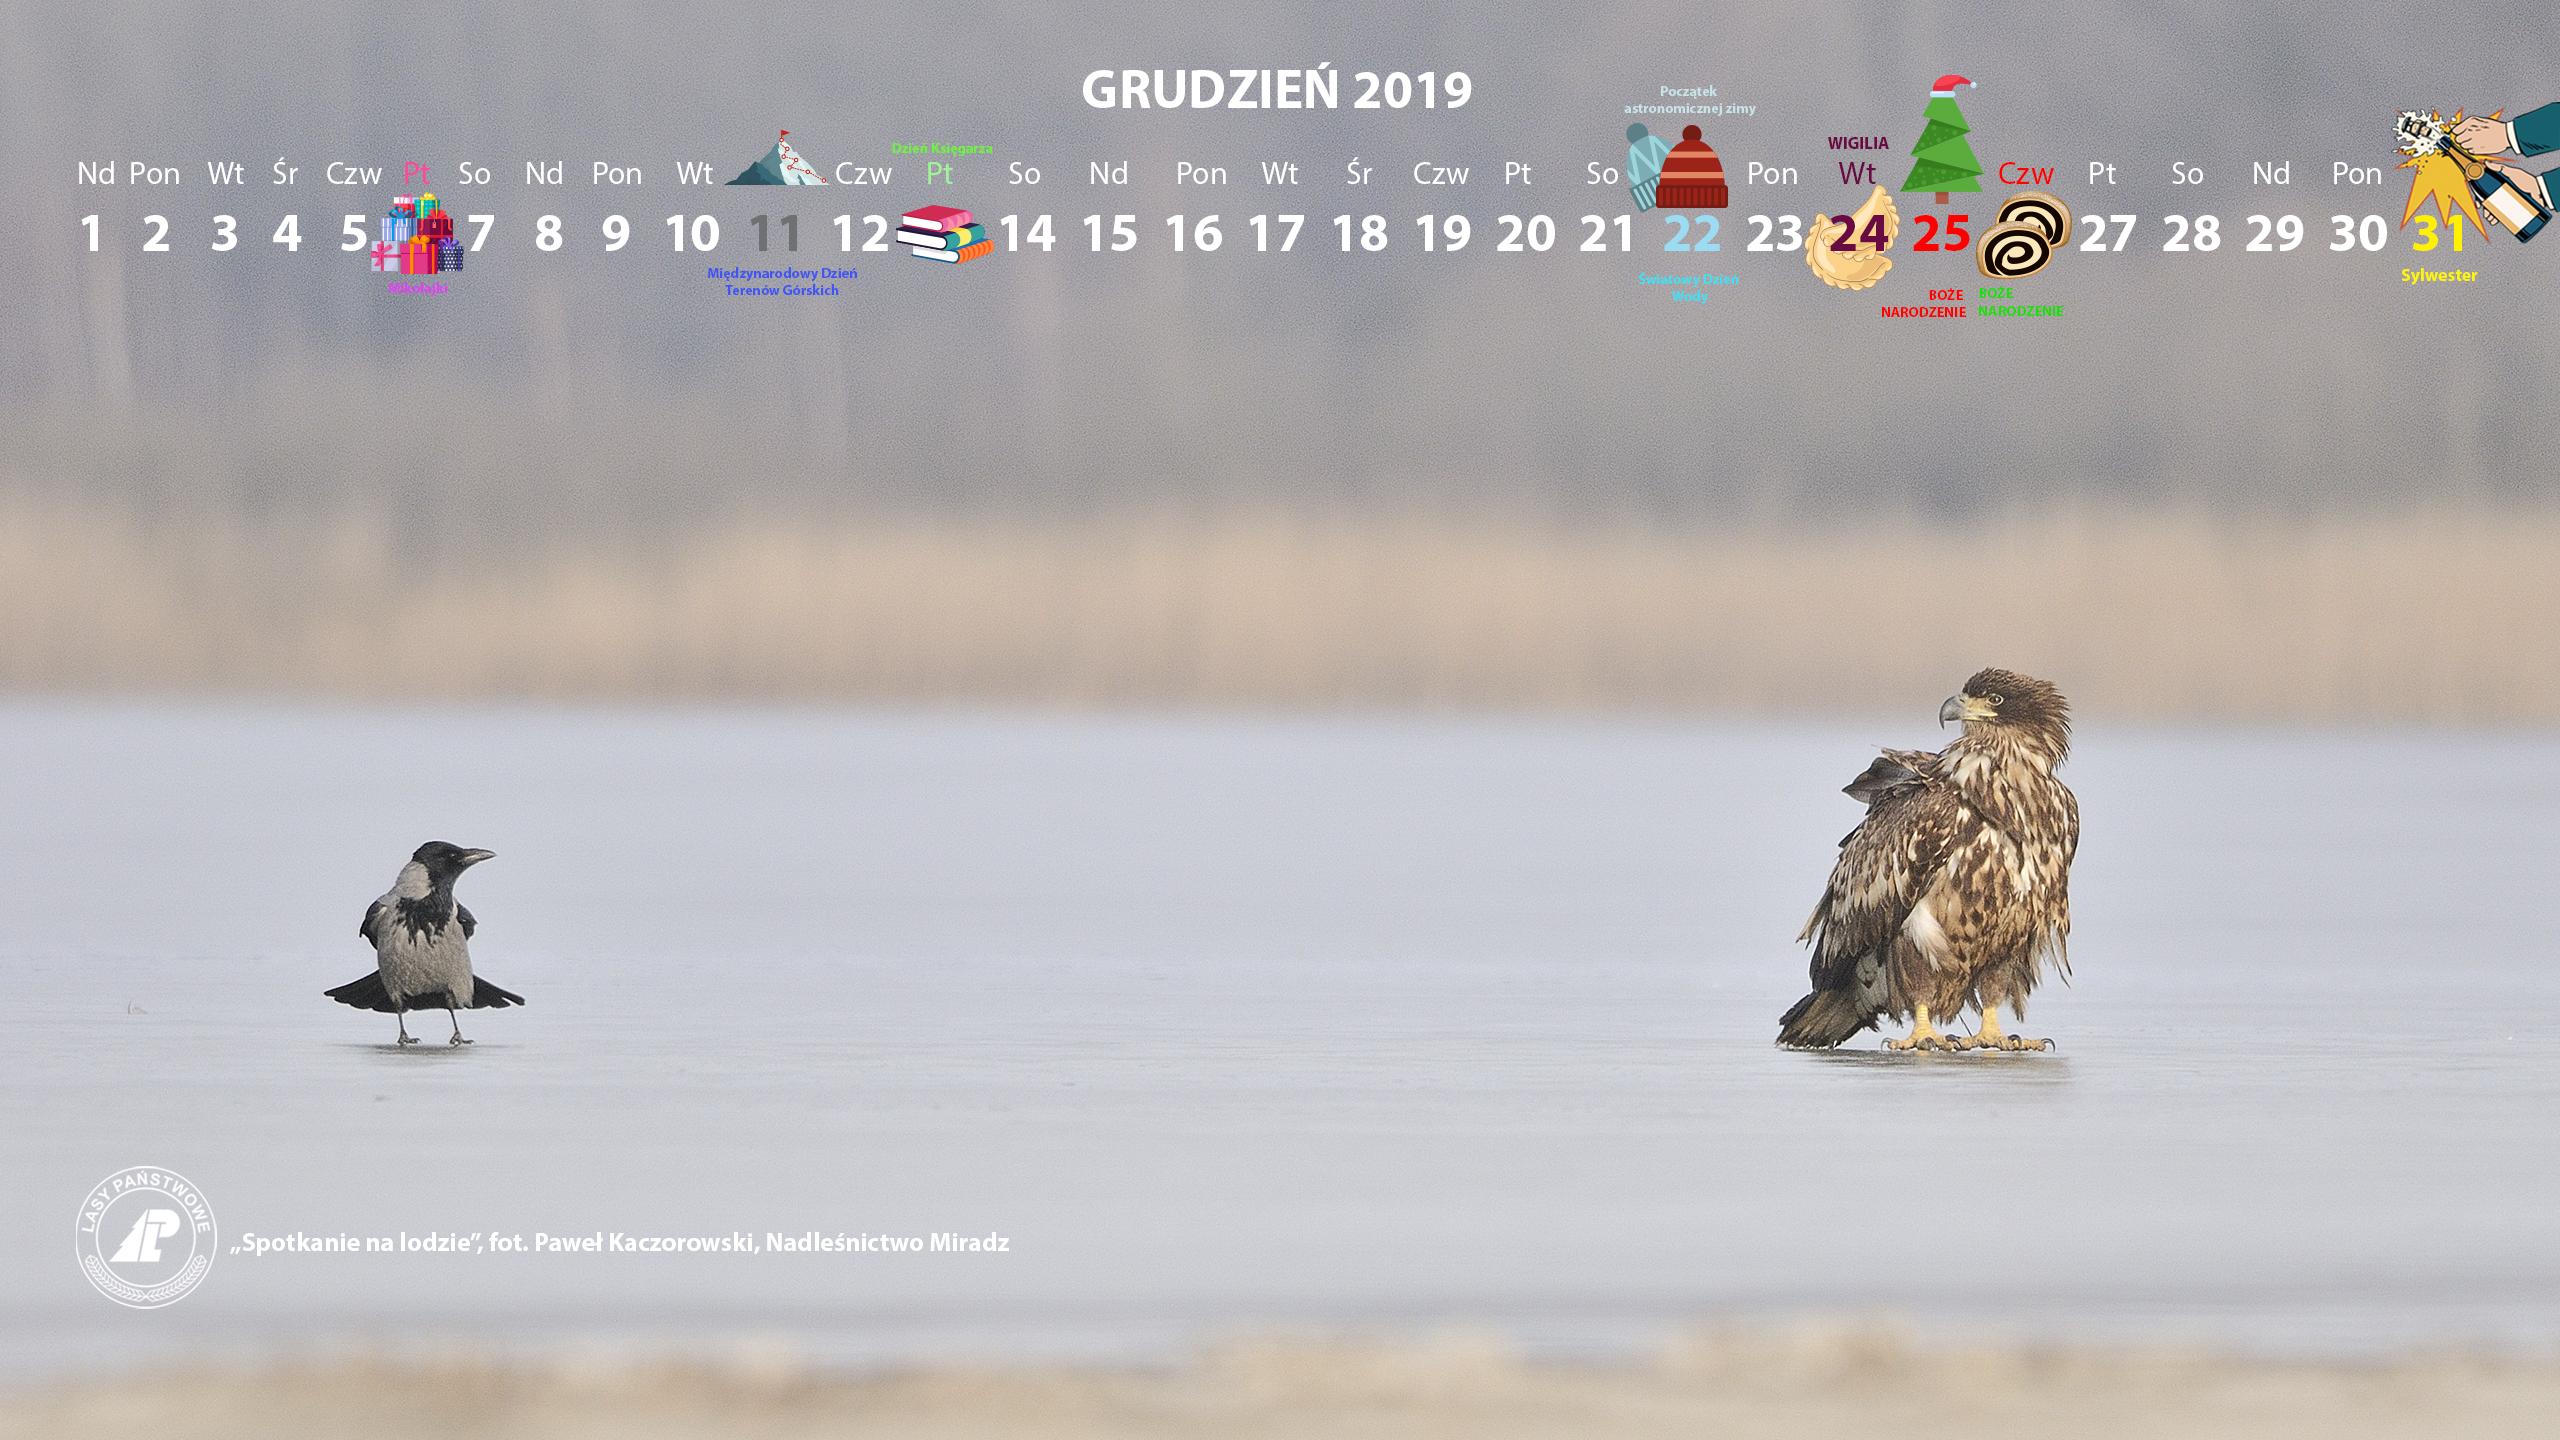 Kalendarz 12 2019 2460x1440.jpg